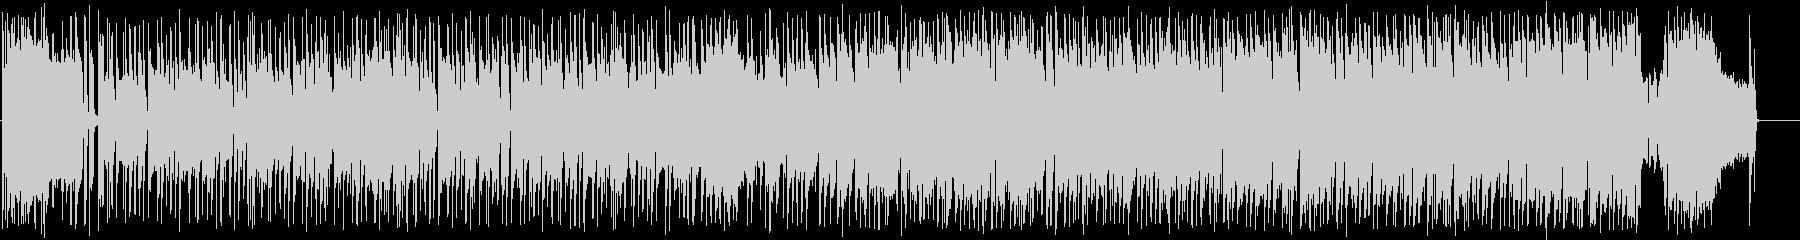 かわいい キラキラのポップインストの未再生の波形